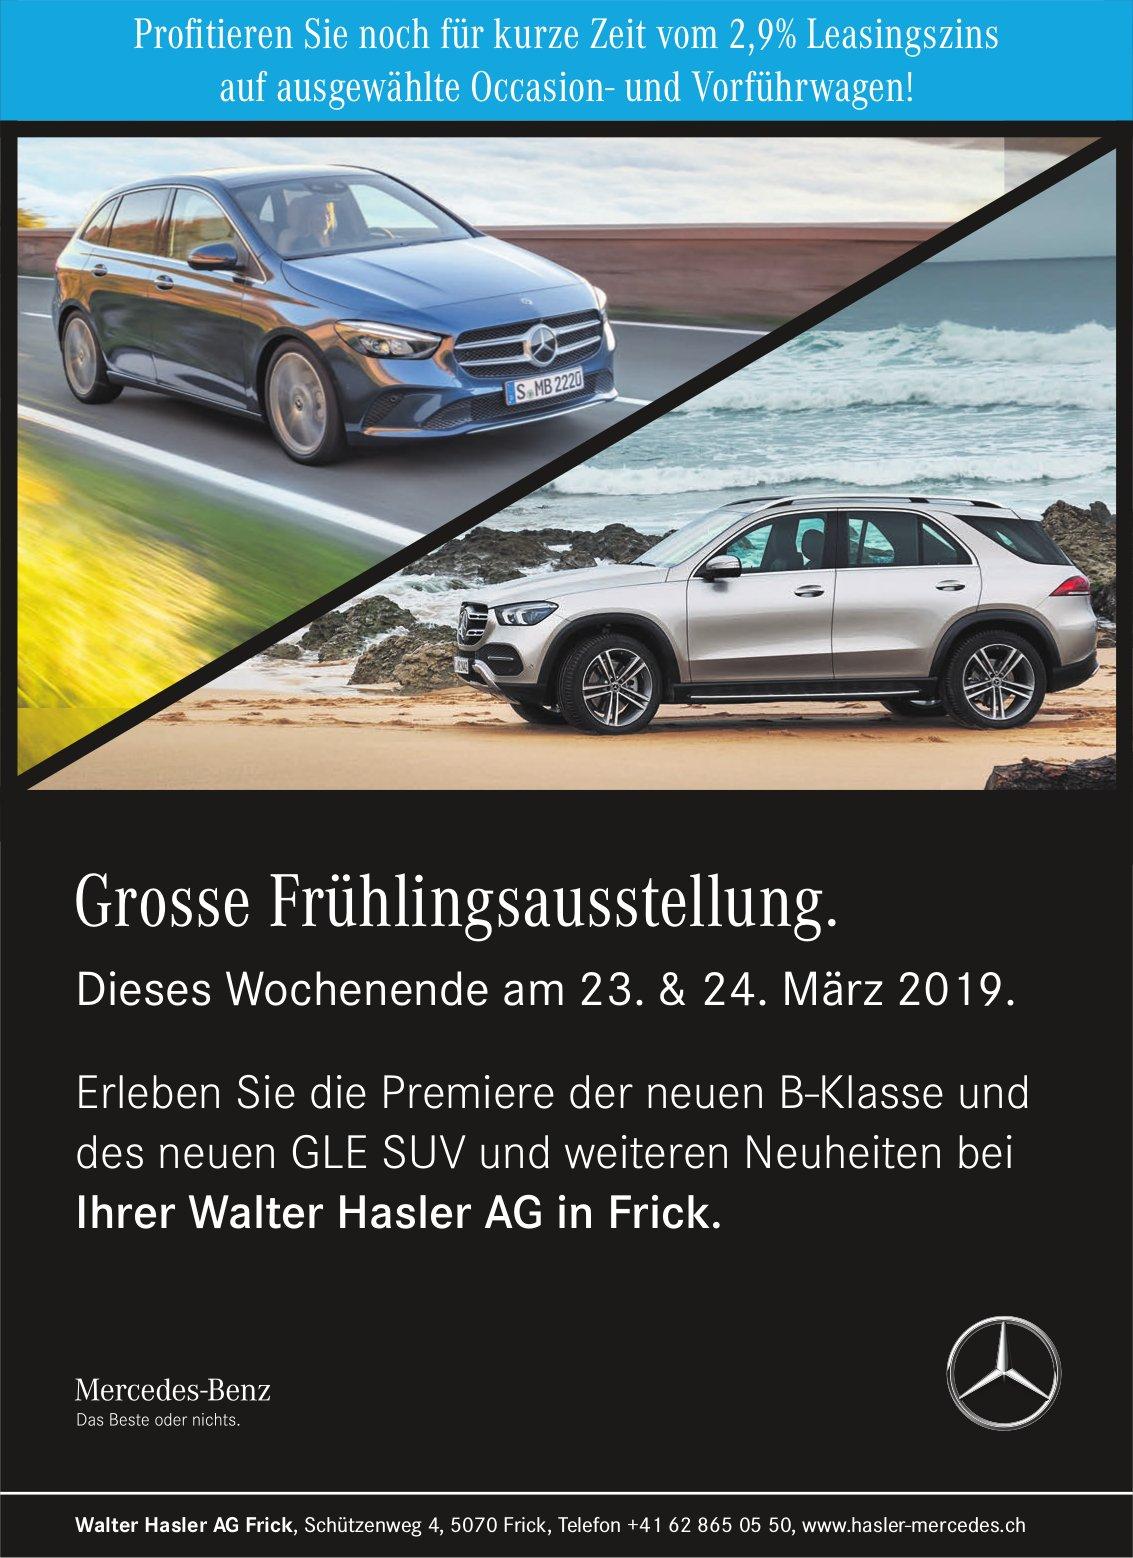 Walter Hasler AG Frick - Grosse Frühlingsausstellung, 23. & 24. März